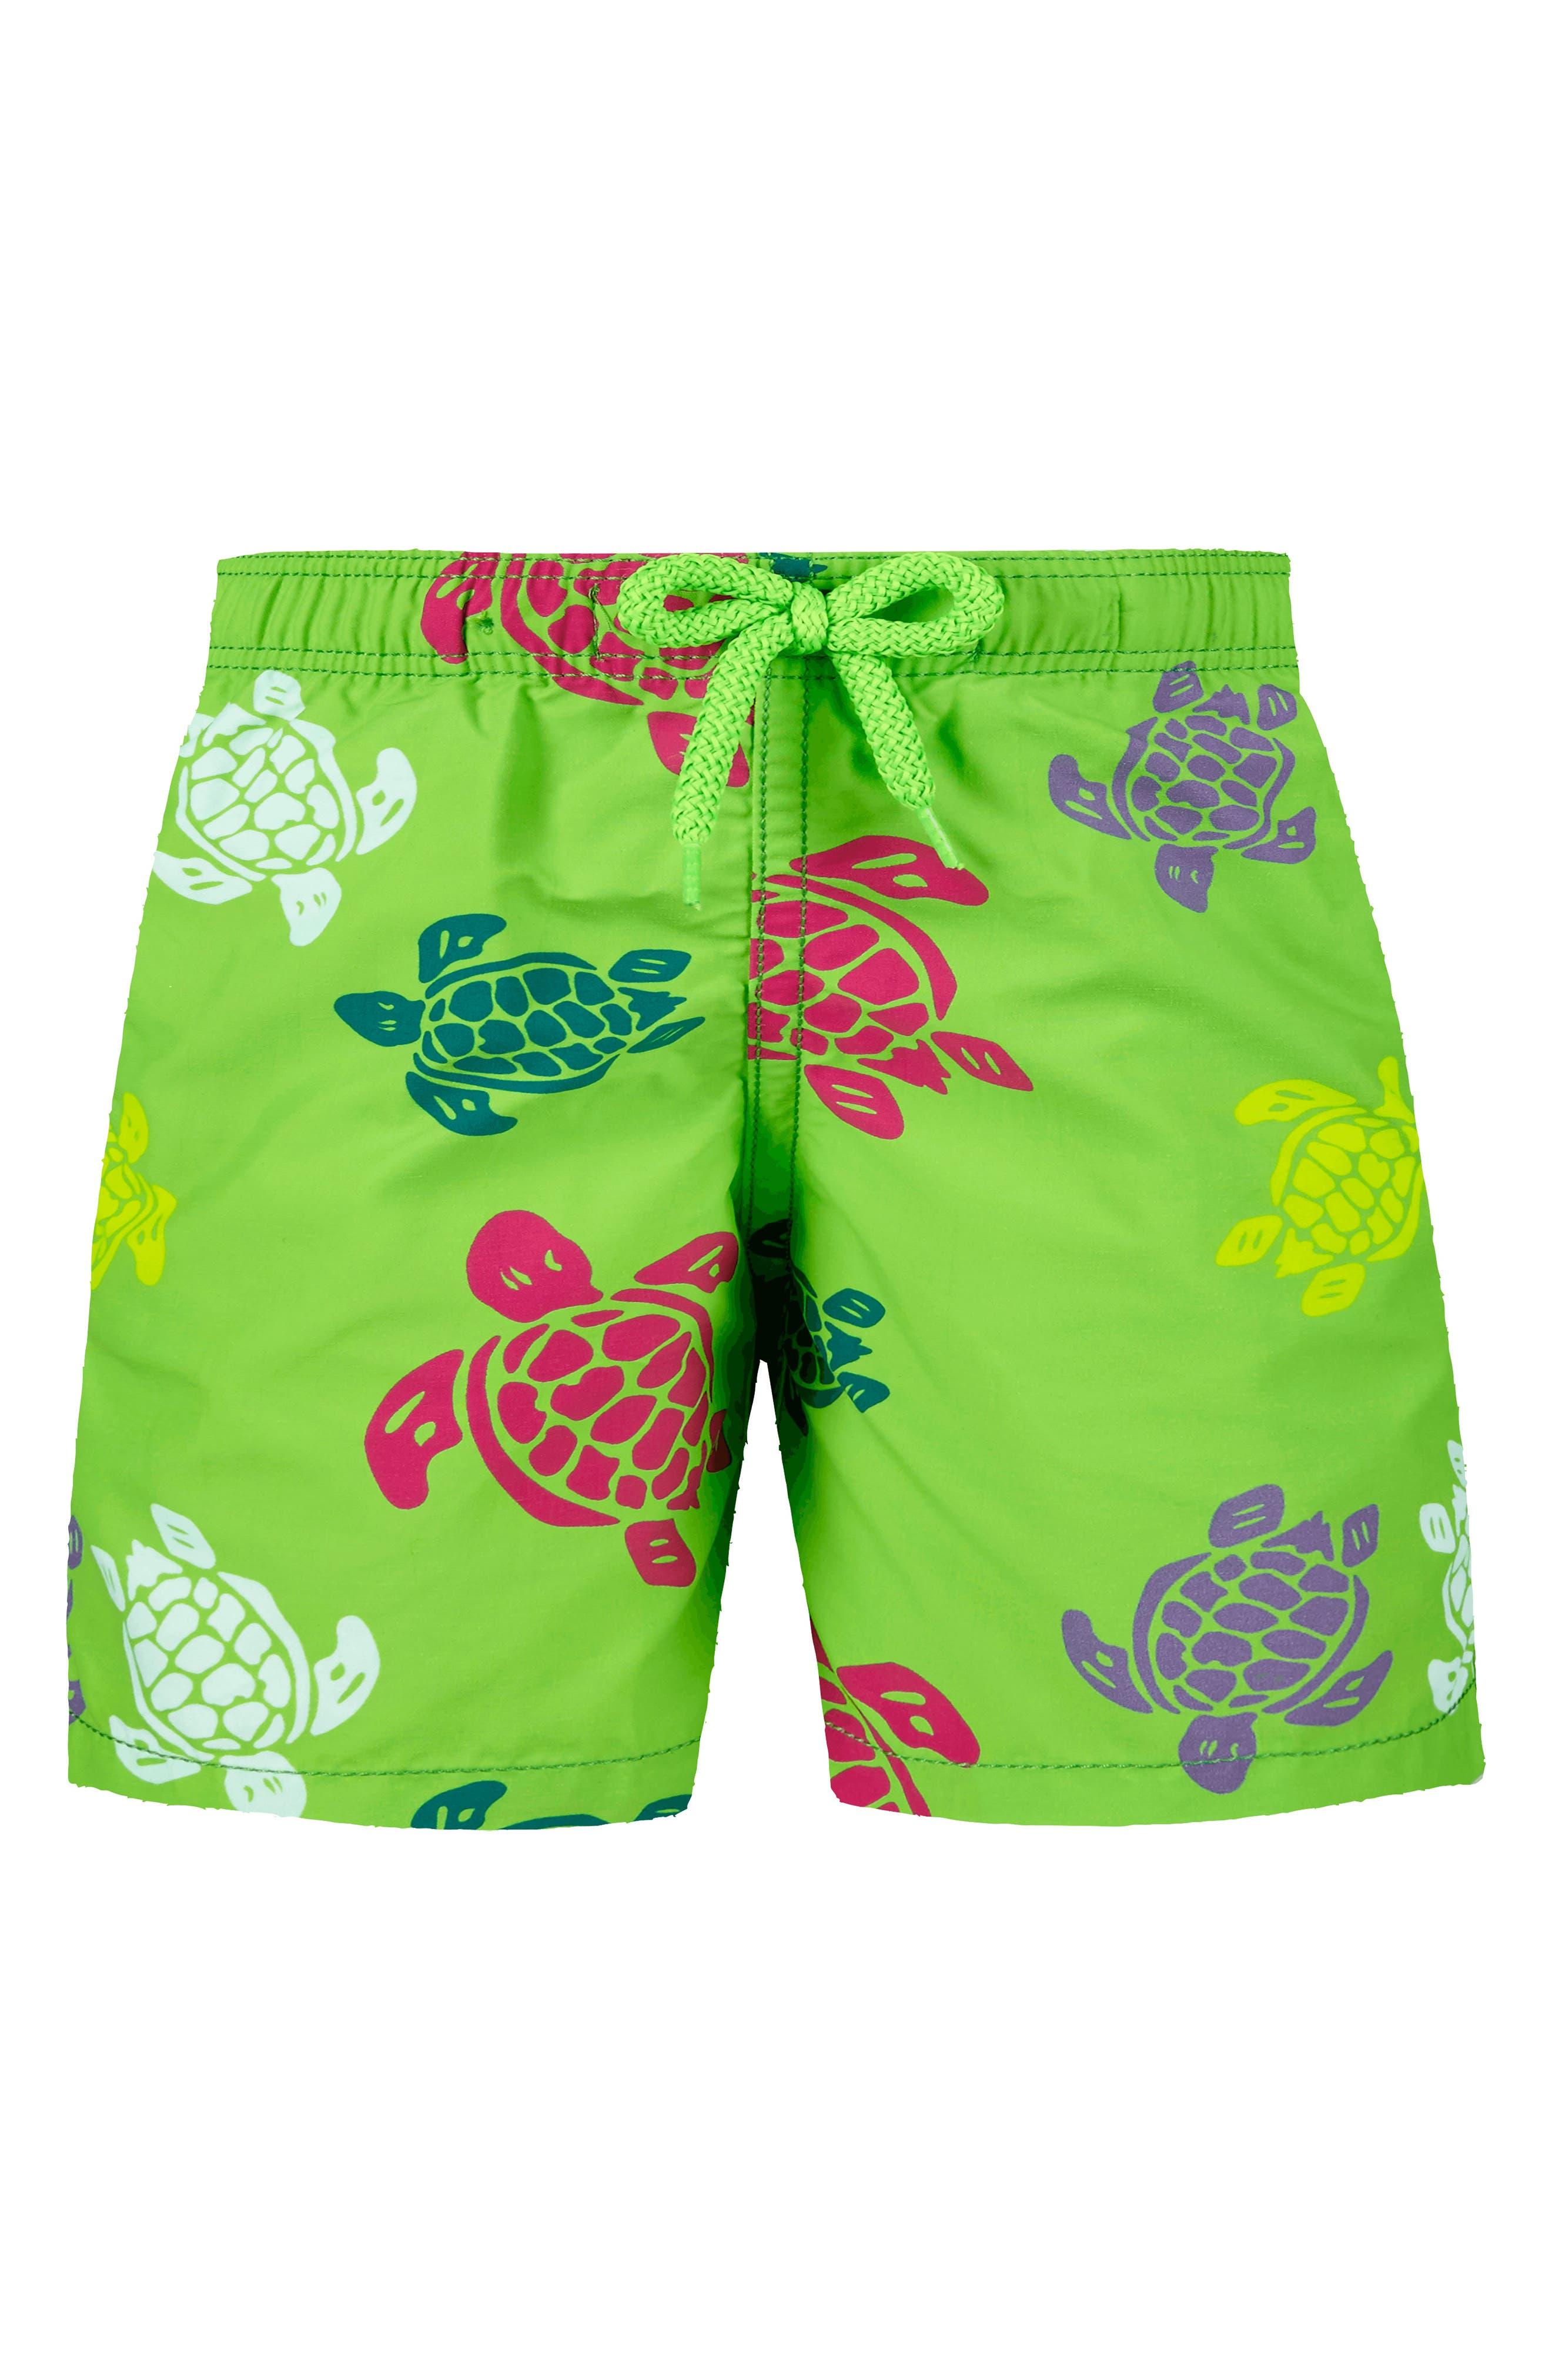 Vilbrequin Turtles Swim Trunks, Main, color, 461VERT PELOUSE